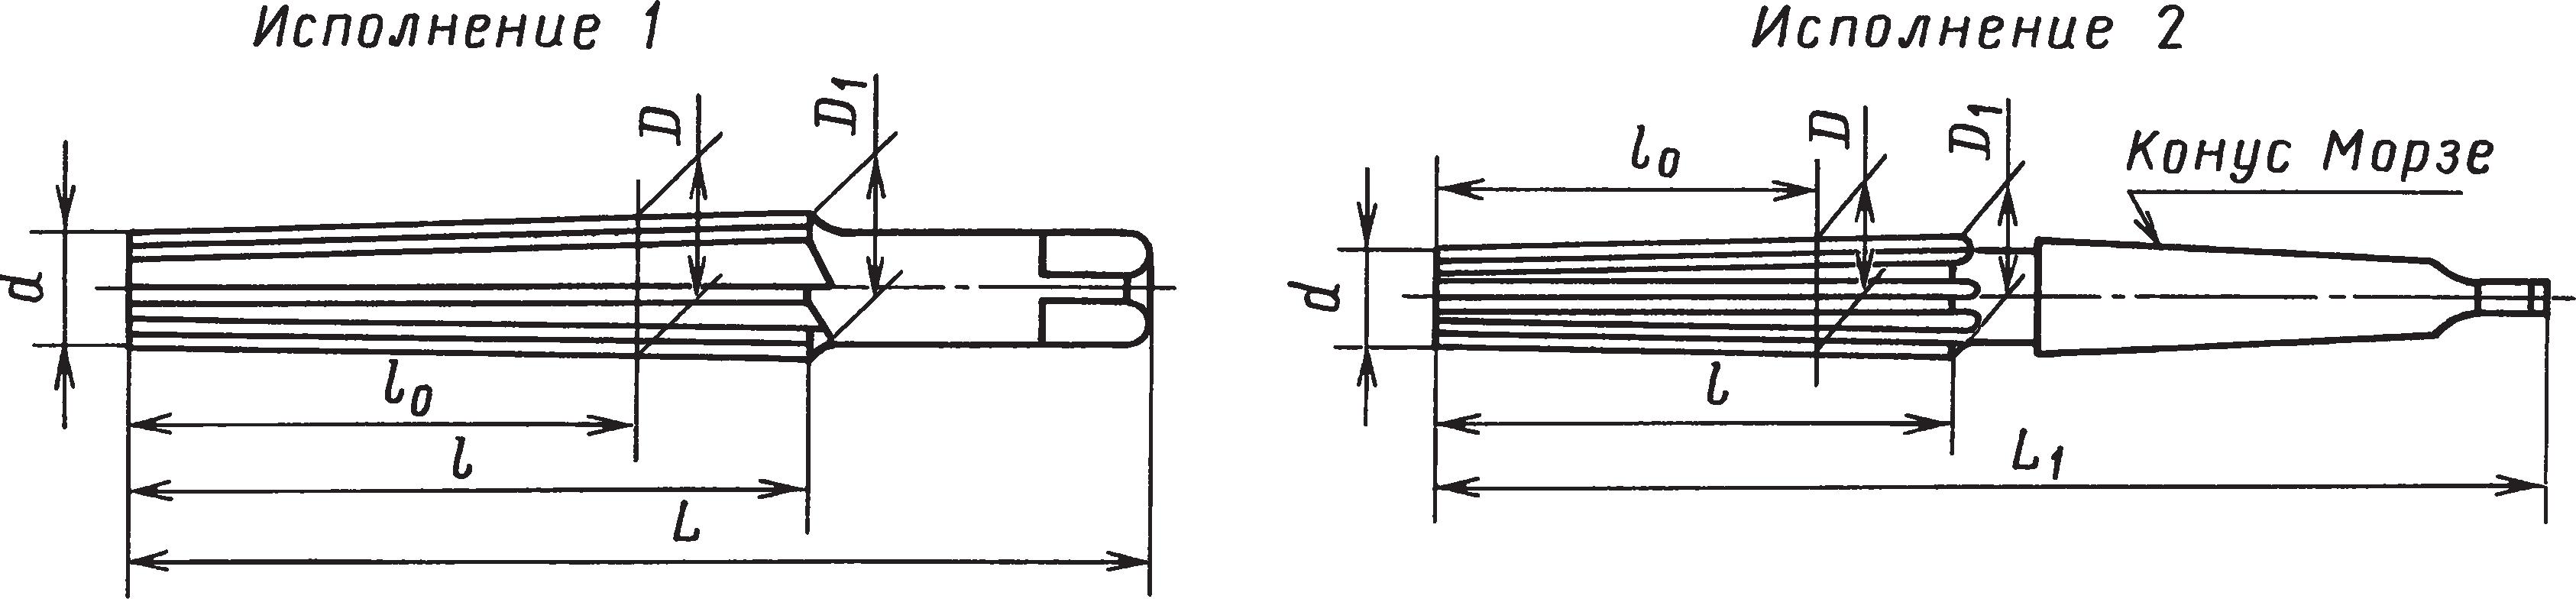 Конические развертки с цилиндрическими и коническими хвостовиками под конусы Морзе